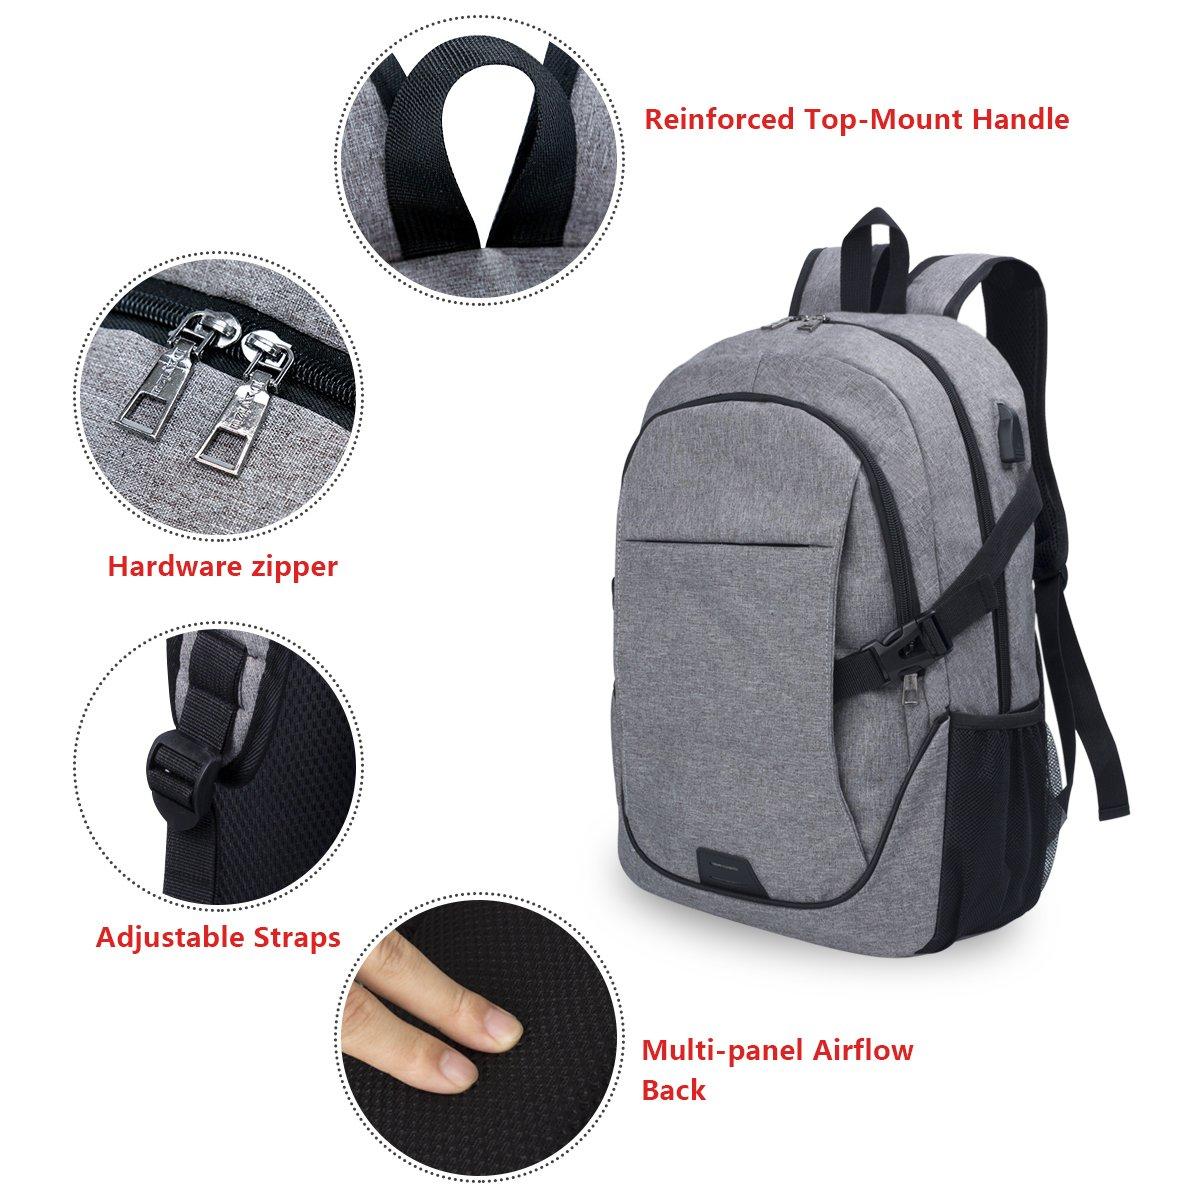 Chrislley Laptop Rucksack, Damen Herren Notebook Business Tasche mit USB Kabel und Anschluss f¨¹r bis zu 15. 6 Zoll Stylisch Oxford Rucks?cke Gepolstert Daypacks f¨¹r Arbeit Schul Outdoor (Grau)